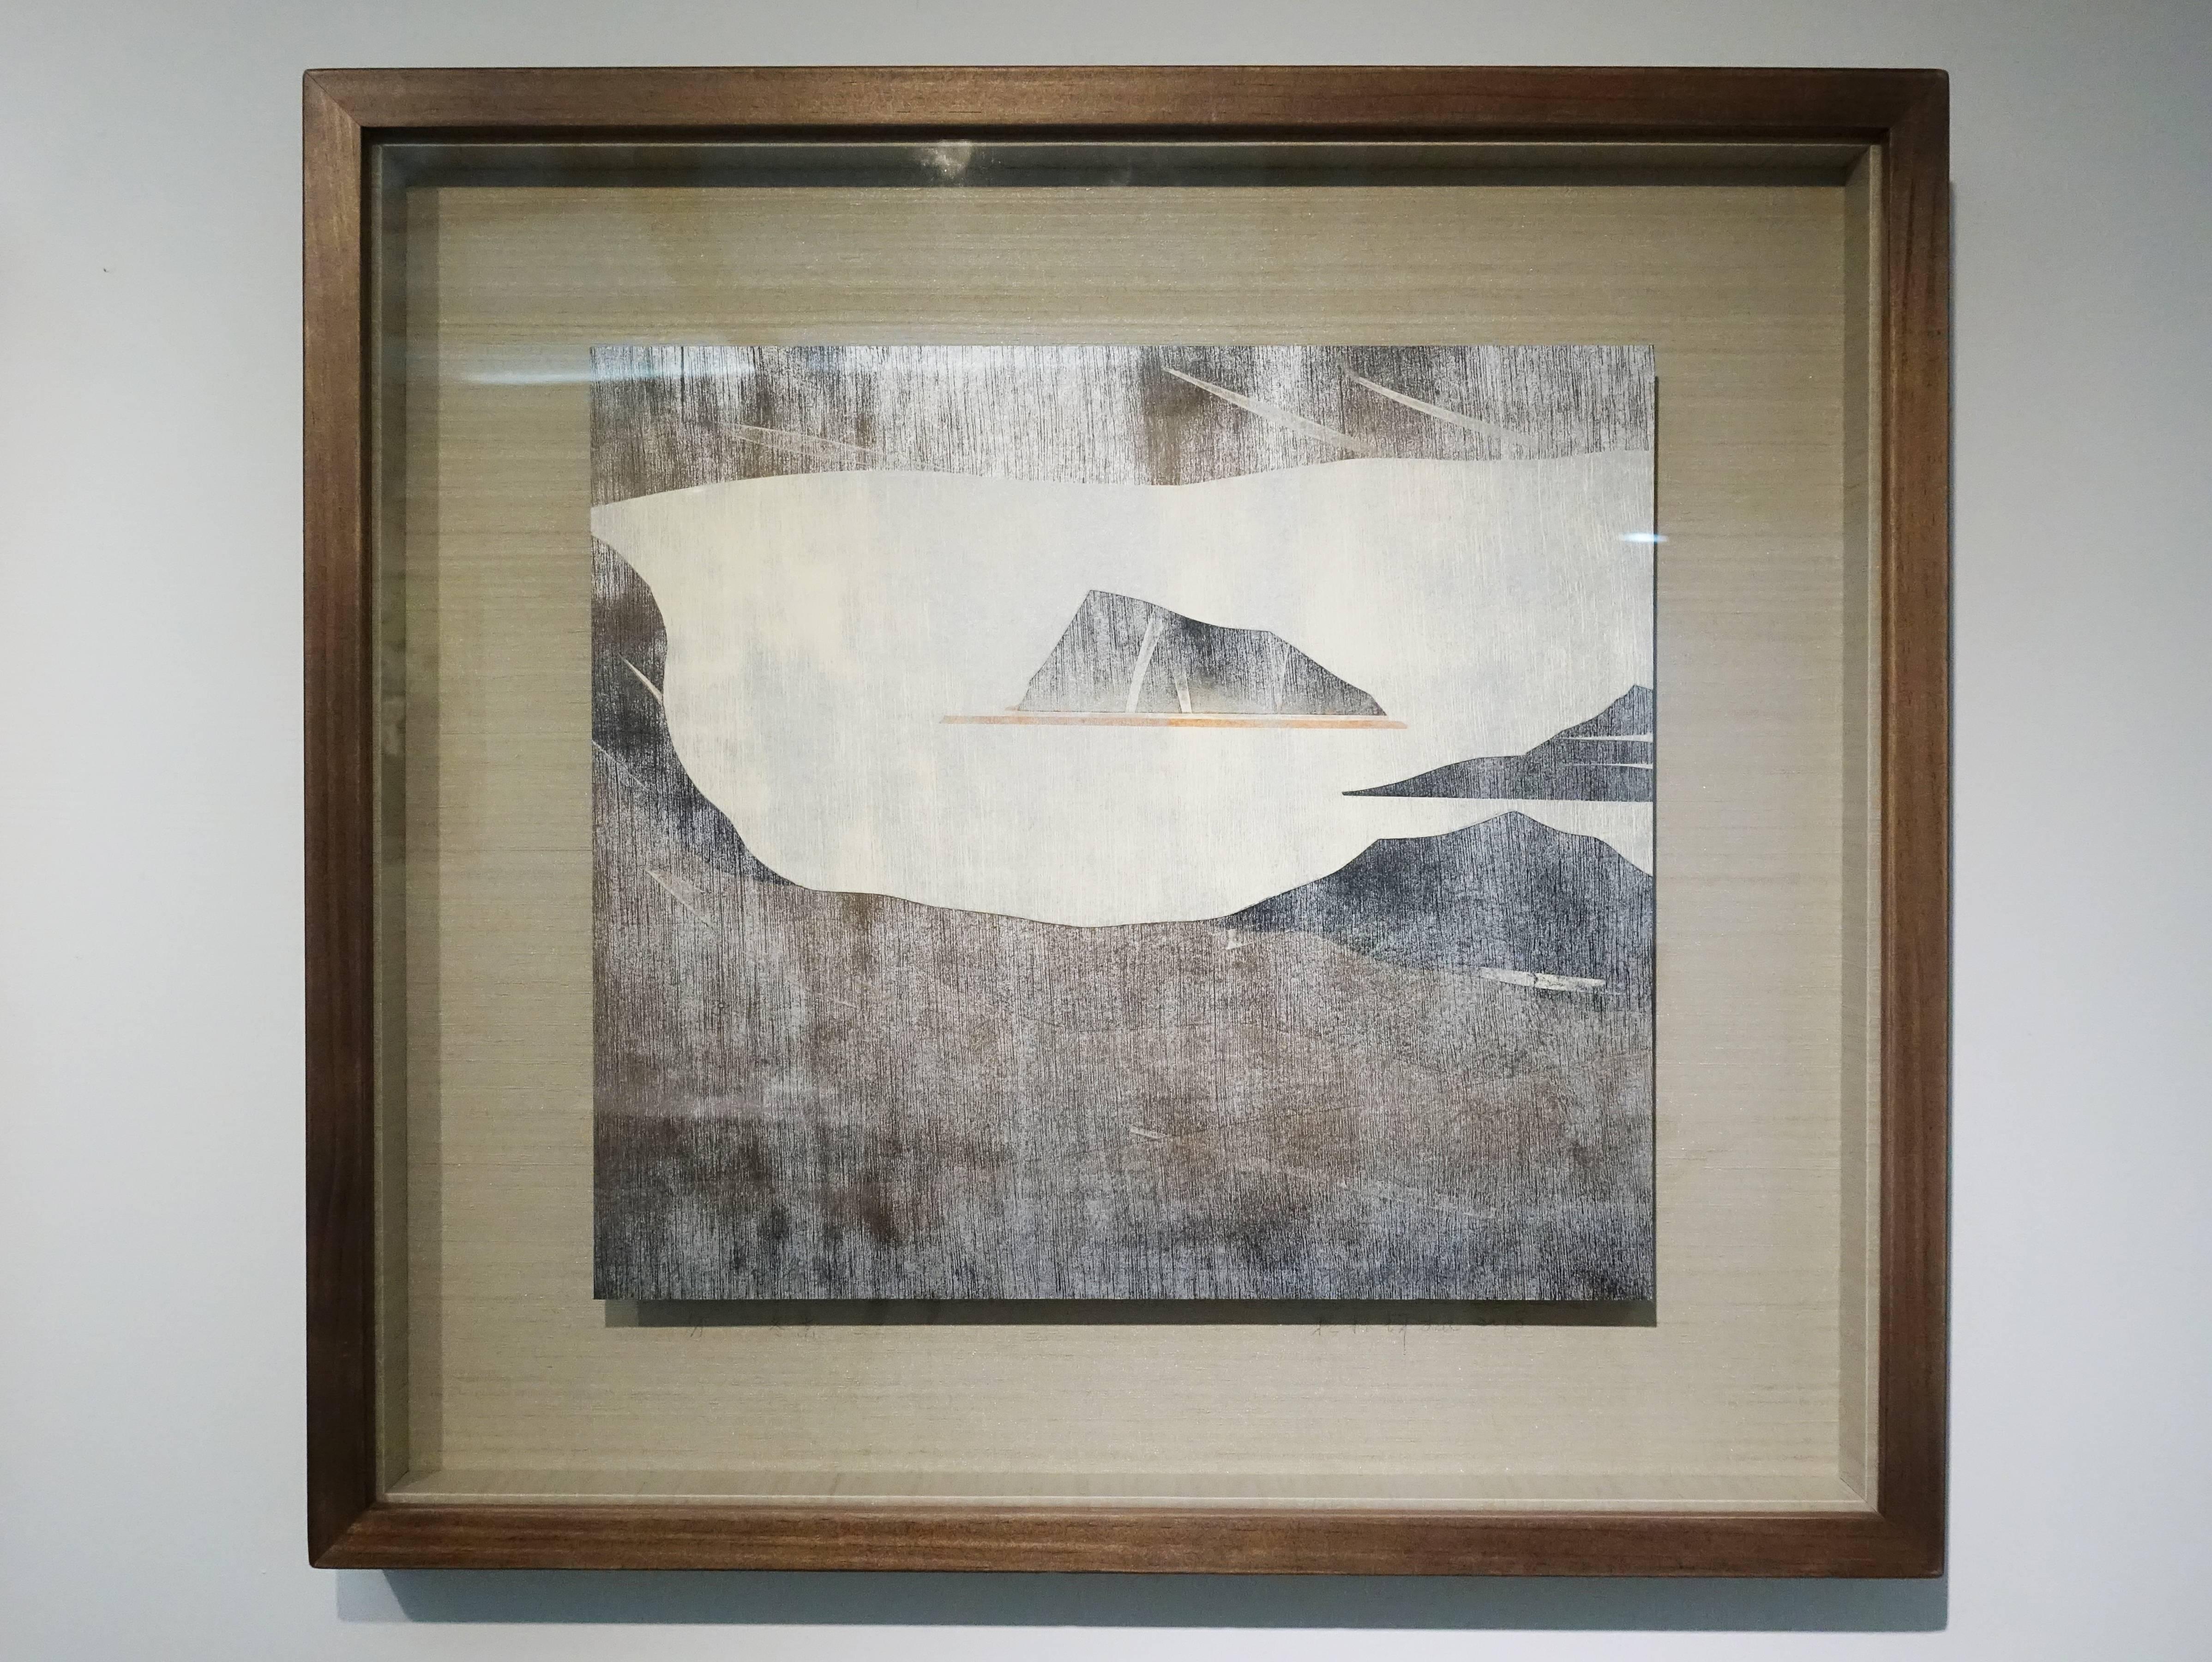 賴振輝,《冬景》,36.5 x 33 cm,1/1,併用版,2018。